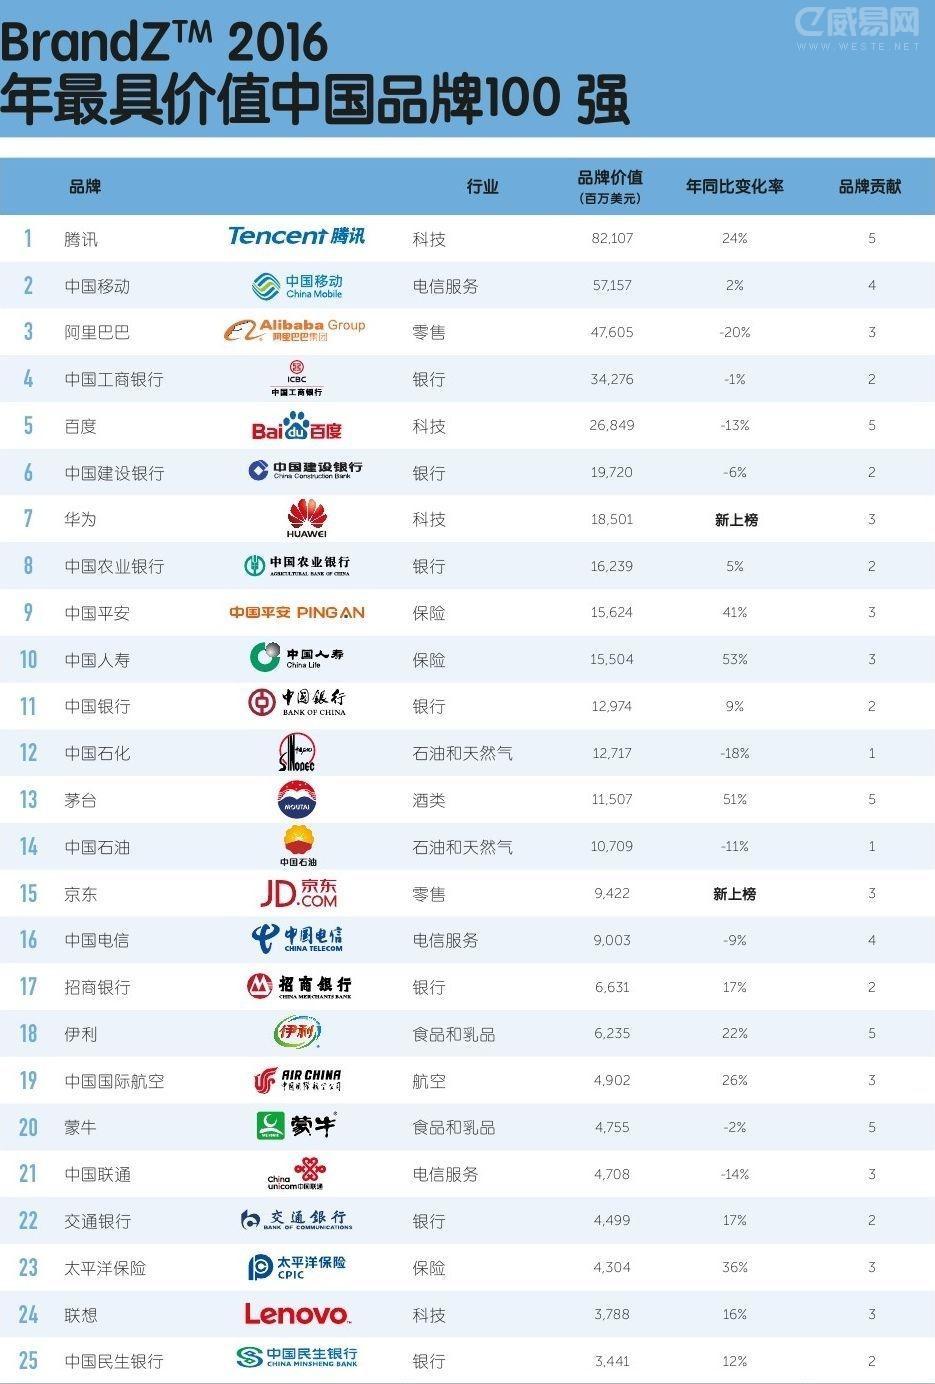 2016最具价值中国品牌100强排行榜 (1-25)